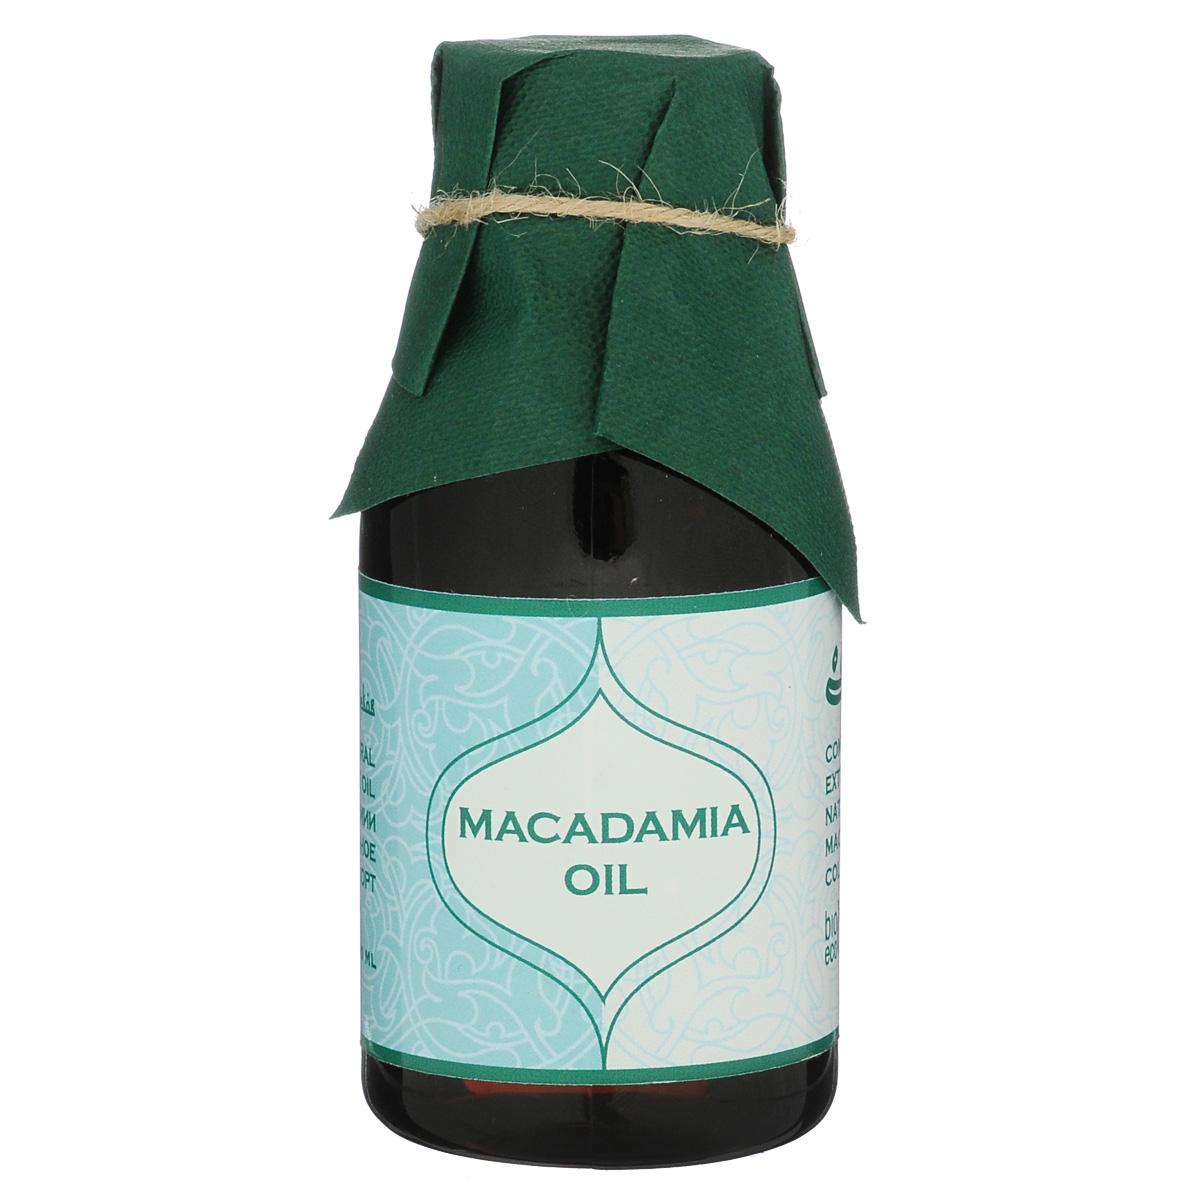 Зейтун Масло Макадамия, 100 млZ3314Масло макадамии Зейтун — 100% натуральное. Это так называемое «благородное масло». Называется так отчасти потому, что по своему составу похоже на масла, добываемые из морских млекопитающих (спермацету), которые содержат много пальмитолеиновой кислоты (мононасыщенная кислота), восстанавливающей кожу при увядании. Прекрасно подходит для быстрого заживления ожогов. Масло макадамии является антиоксидантом, предотвращая разрушение клеточных мембран, а также тонизирует, смягчает и увлажняет. Прекрасно подходит для сухой и обезвоженной кожи. Если наносить в чистом виде, то остается масляный след, несмотря на то, что оно быстро и глубоко впитывается. Масло макадамии прекрасно подходит для ухода за волосами, оздоравливая их, равномерно распределяя по поверхности волоса, выравнивая структурные различия между кончиками волос и их корнями.